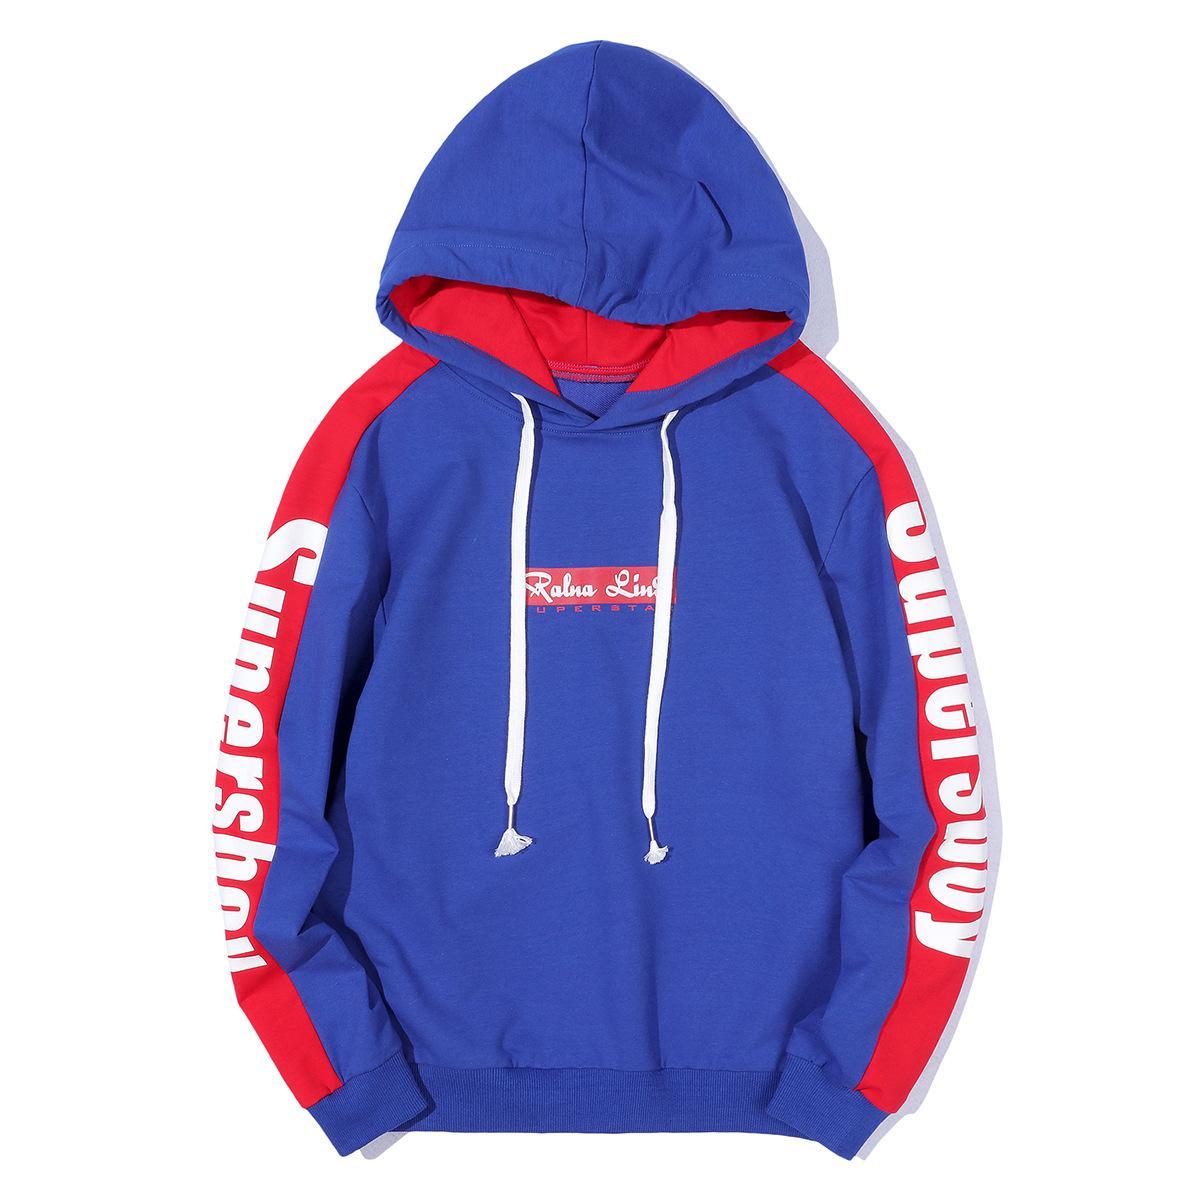 4600a2df43079 Designer Hoodies Winter New Sweater Men's Head Color Matching Hip Hop  Hooded Baseball Uniform Long Sleeve Men's Sweater